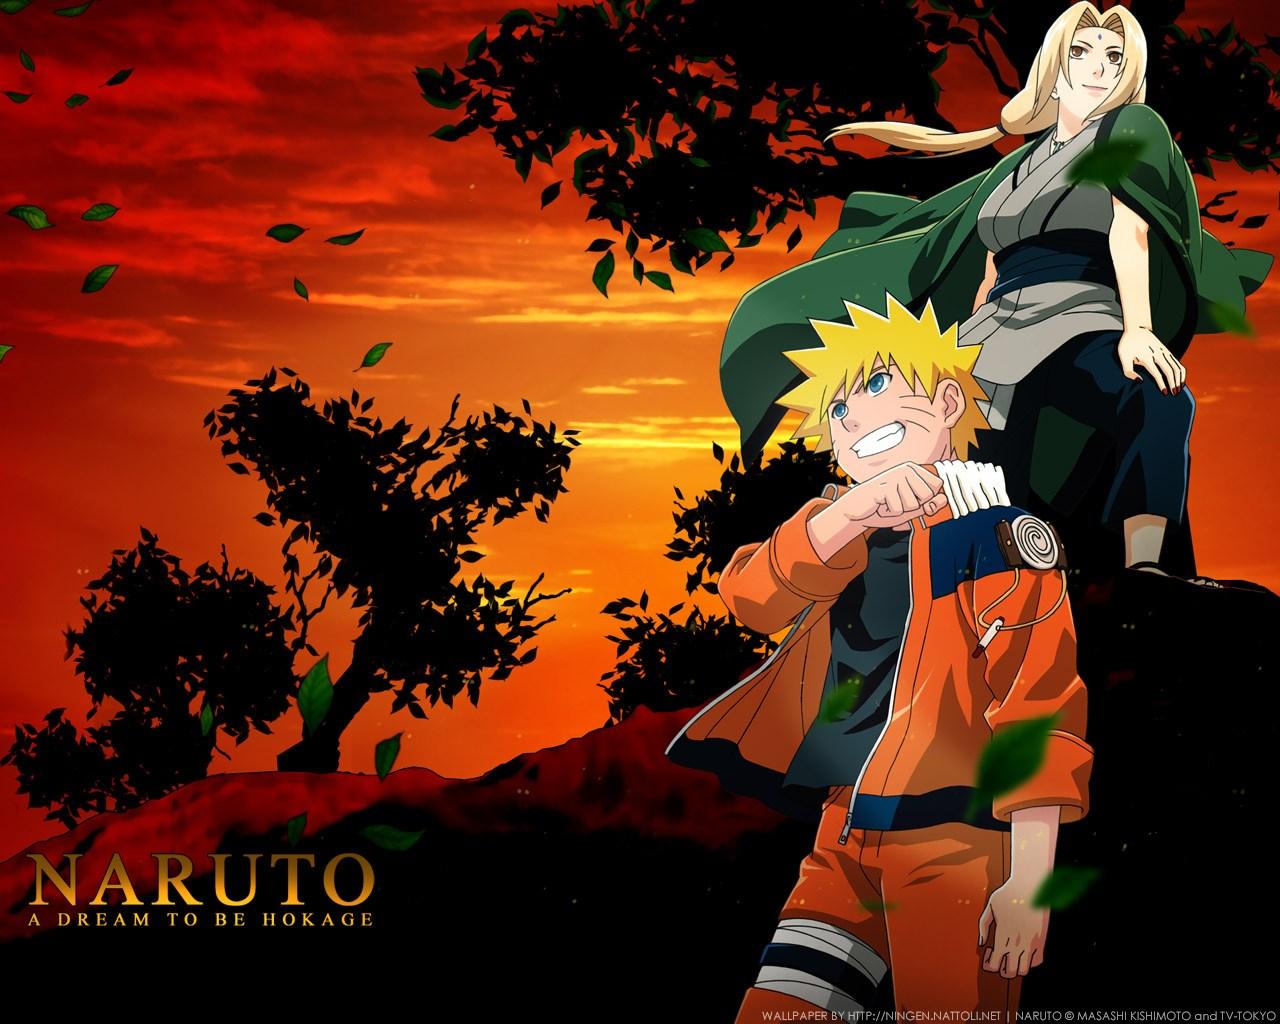 Naruto wallpaper - Naruto Shippuuden 1280x1024